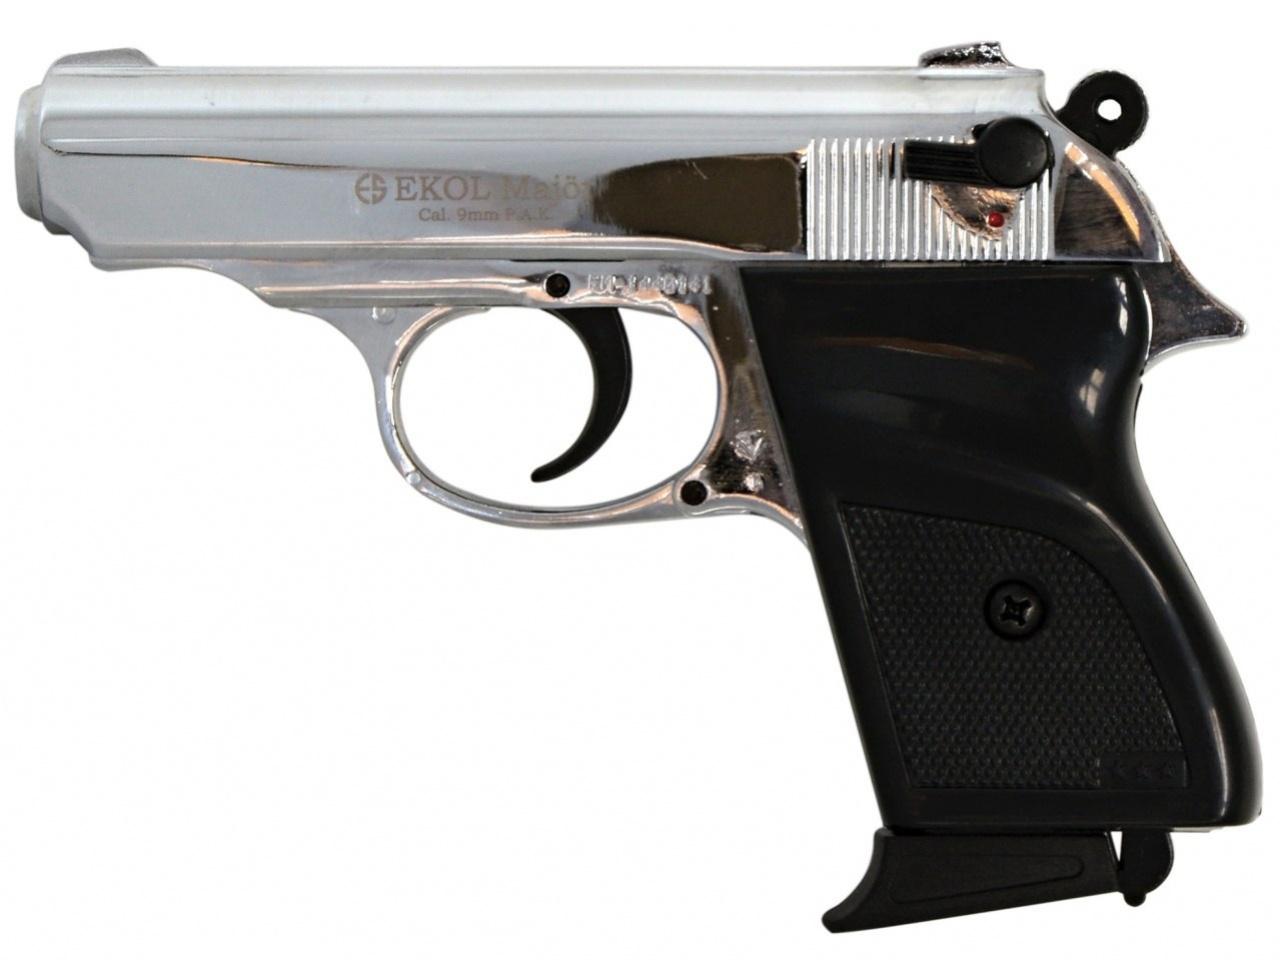 Plynová pistole Ekol Major chrom cal.9mm